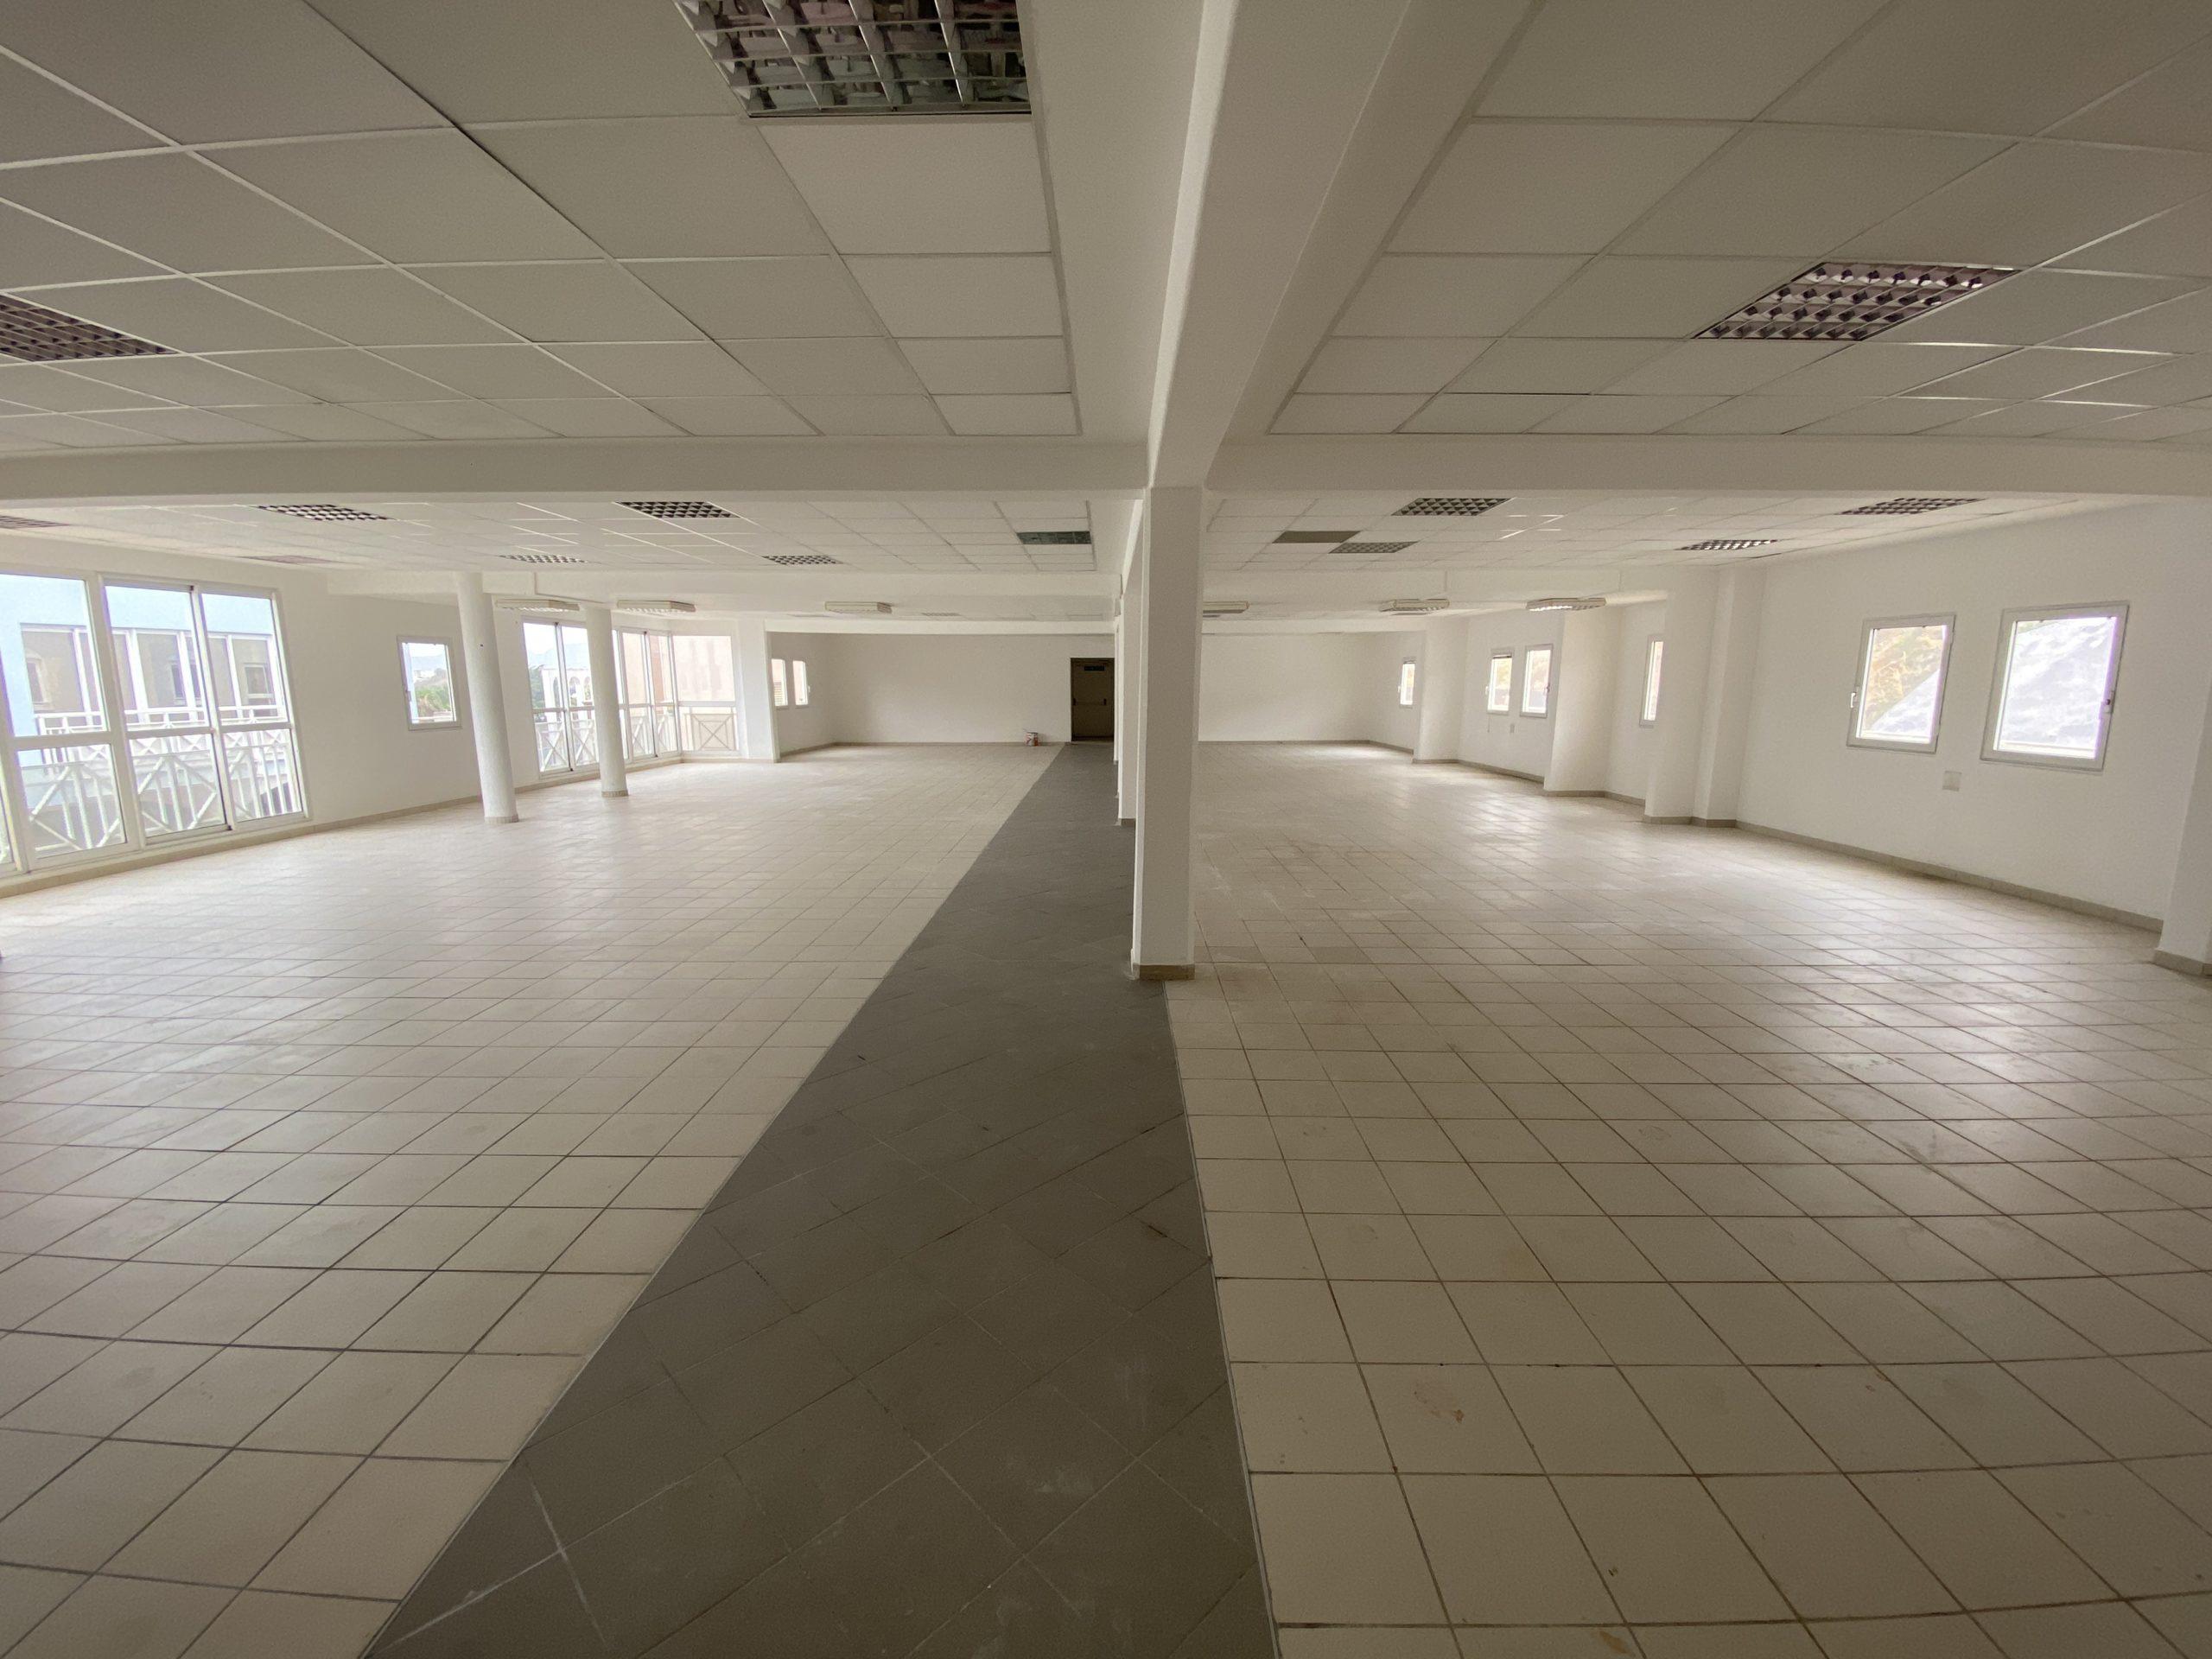 LOCAUX PROFESSIONNELS 550M2 RUE PIETONNE RIVIERE ROCHE FORT-DE-FRANCE